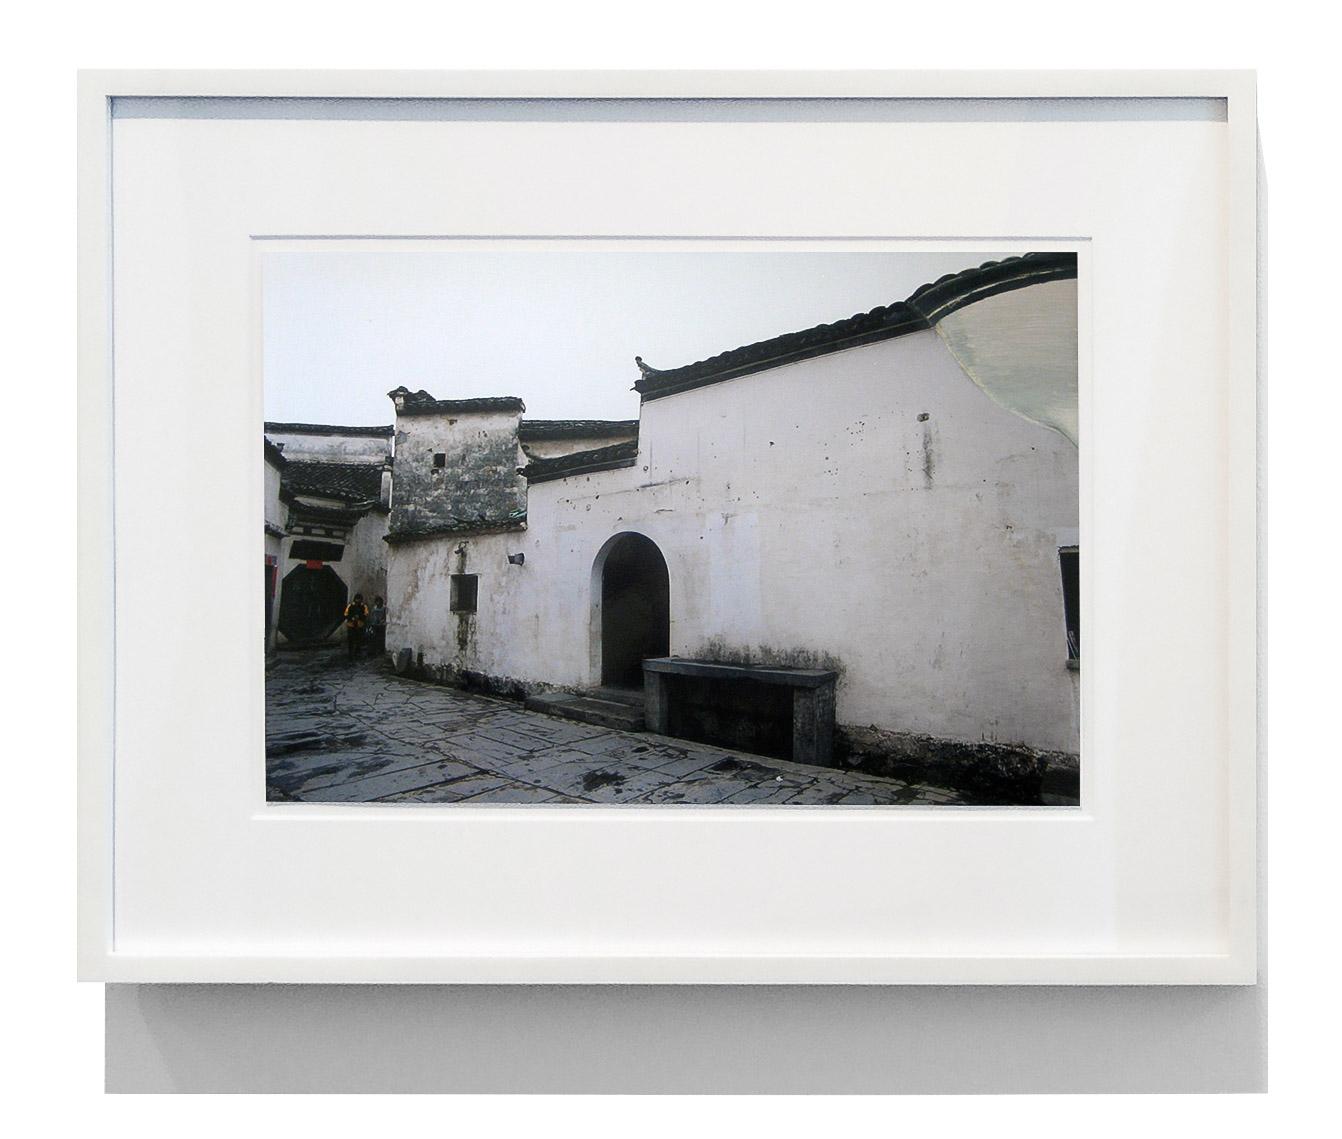 Zhang Jian-Jun,Project: Yang Si Village